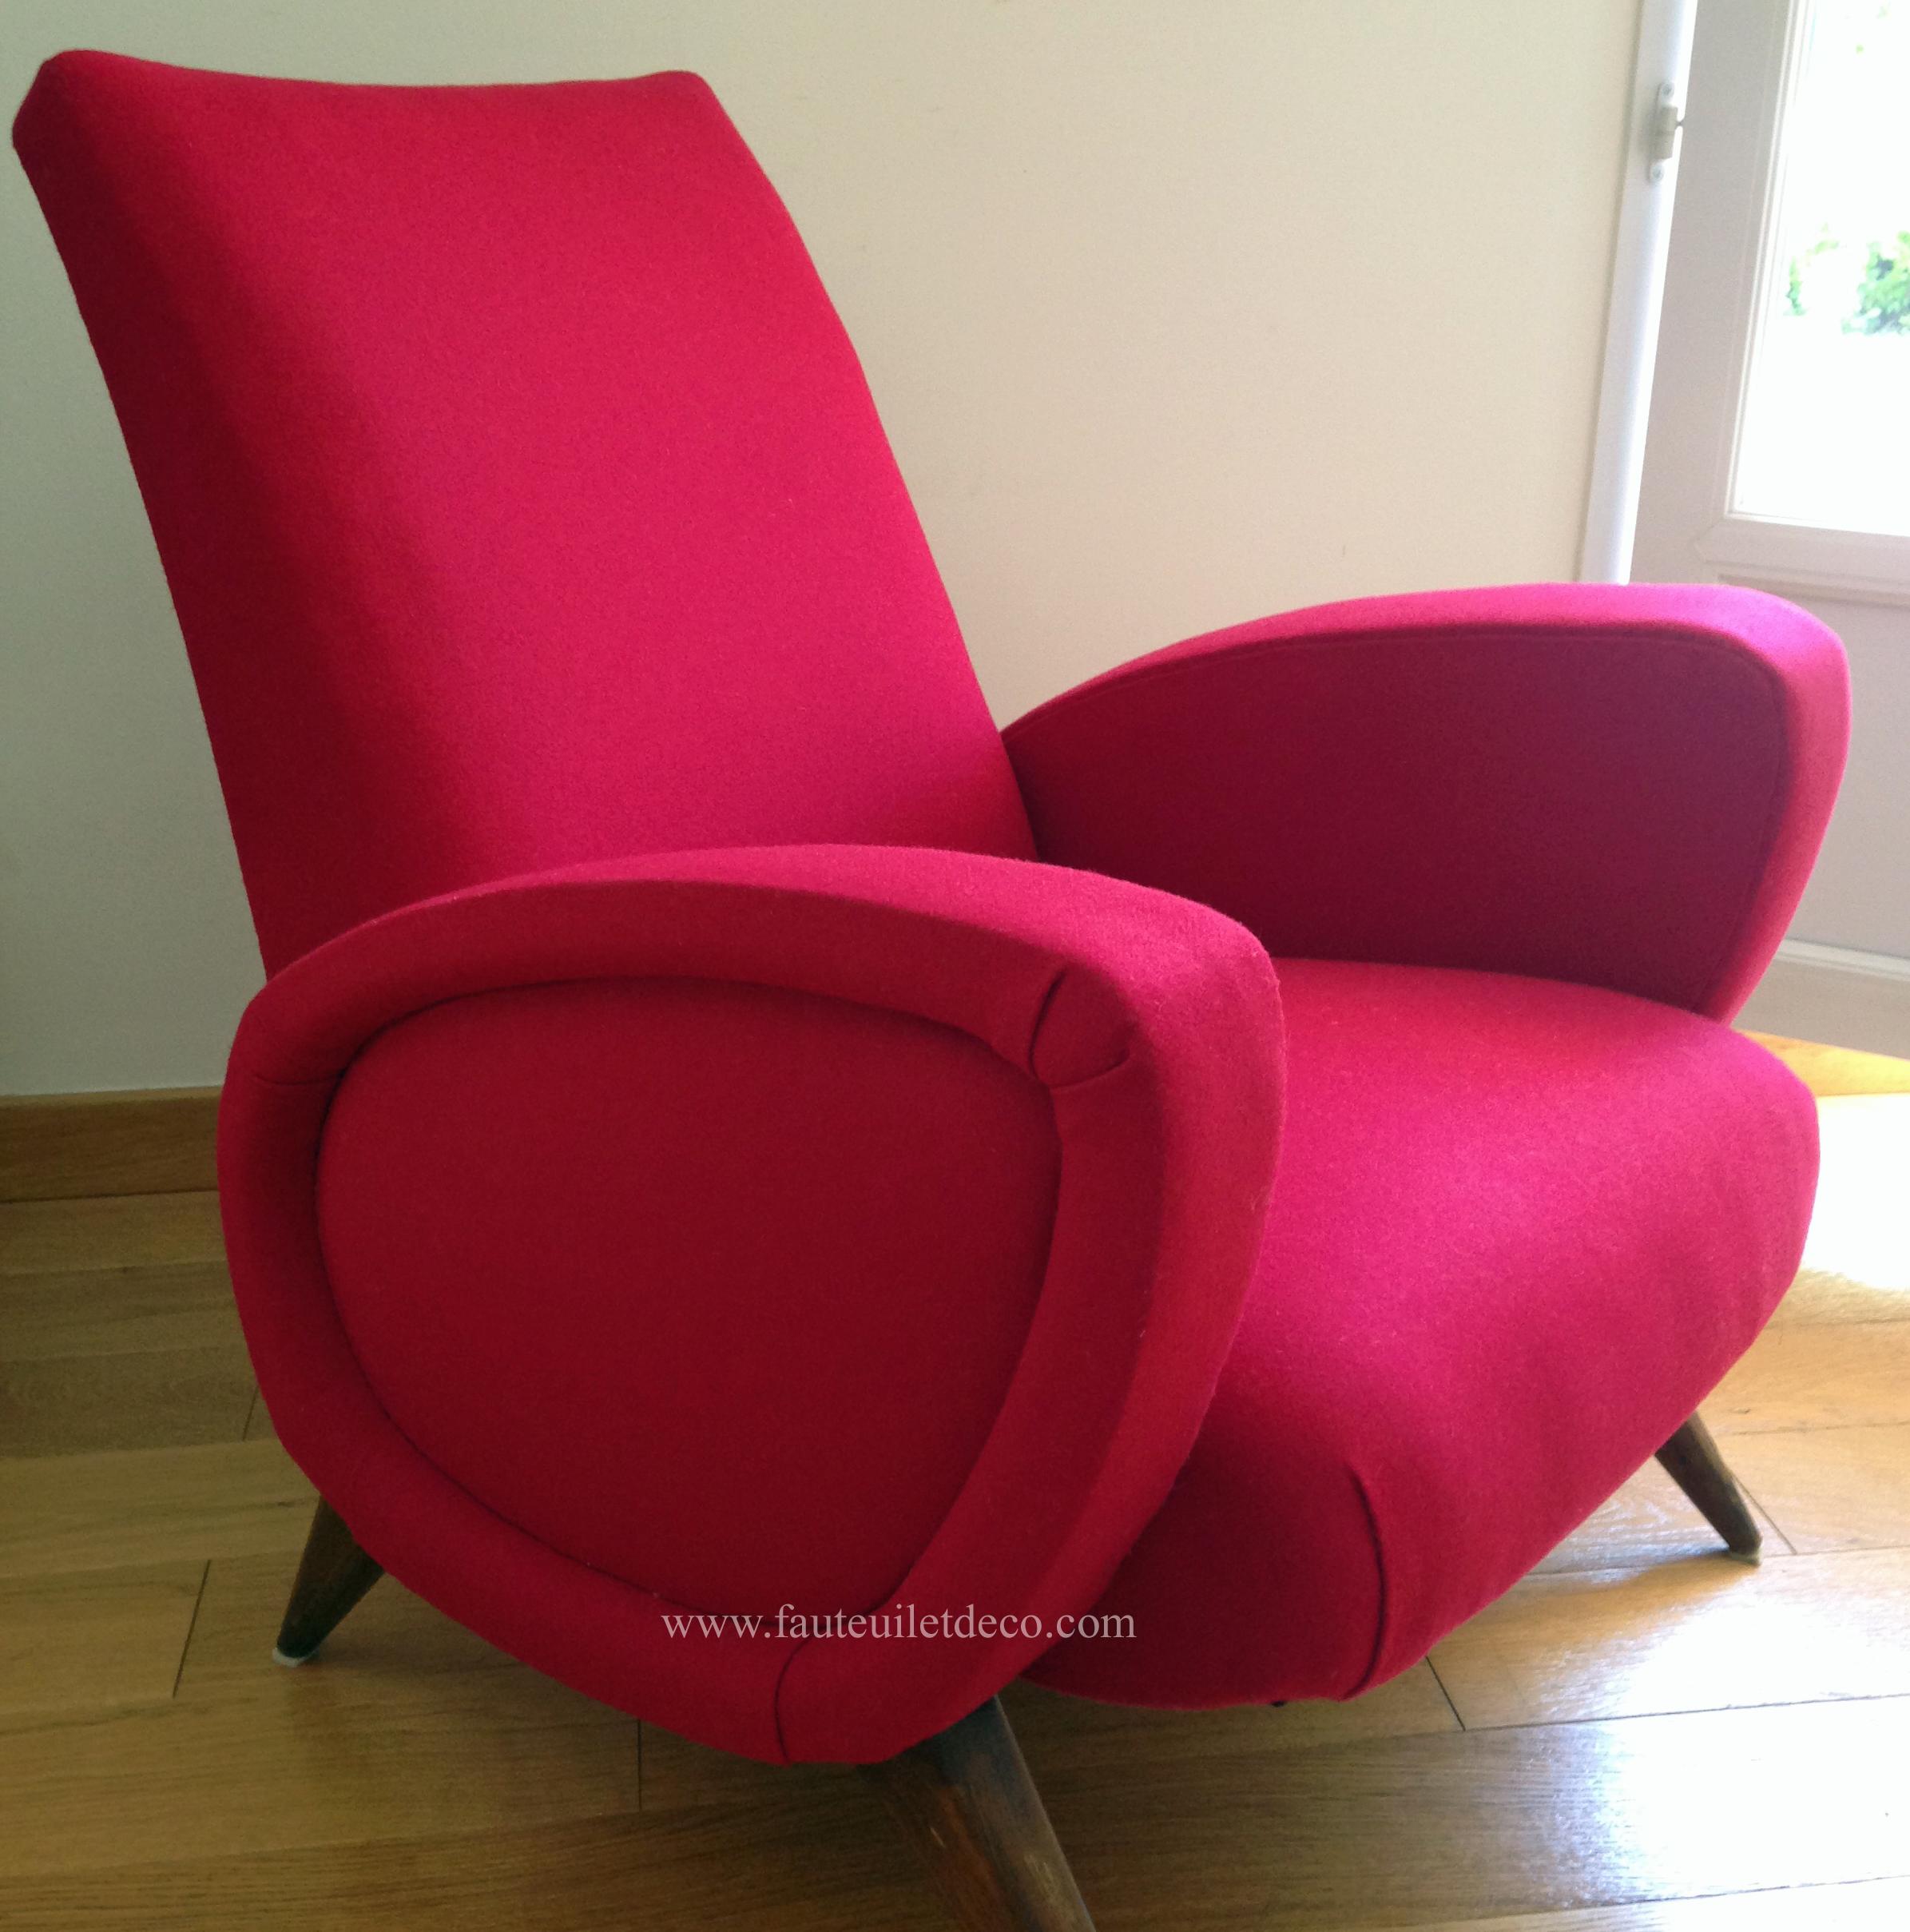 fauteuil vintage des ann e 50 avec pieds compas remise en tat compl te fauteuil d co. Black Bedroom Furniture Sets. Home Design Ideas